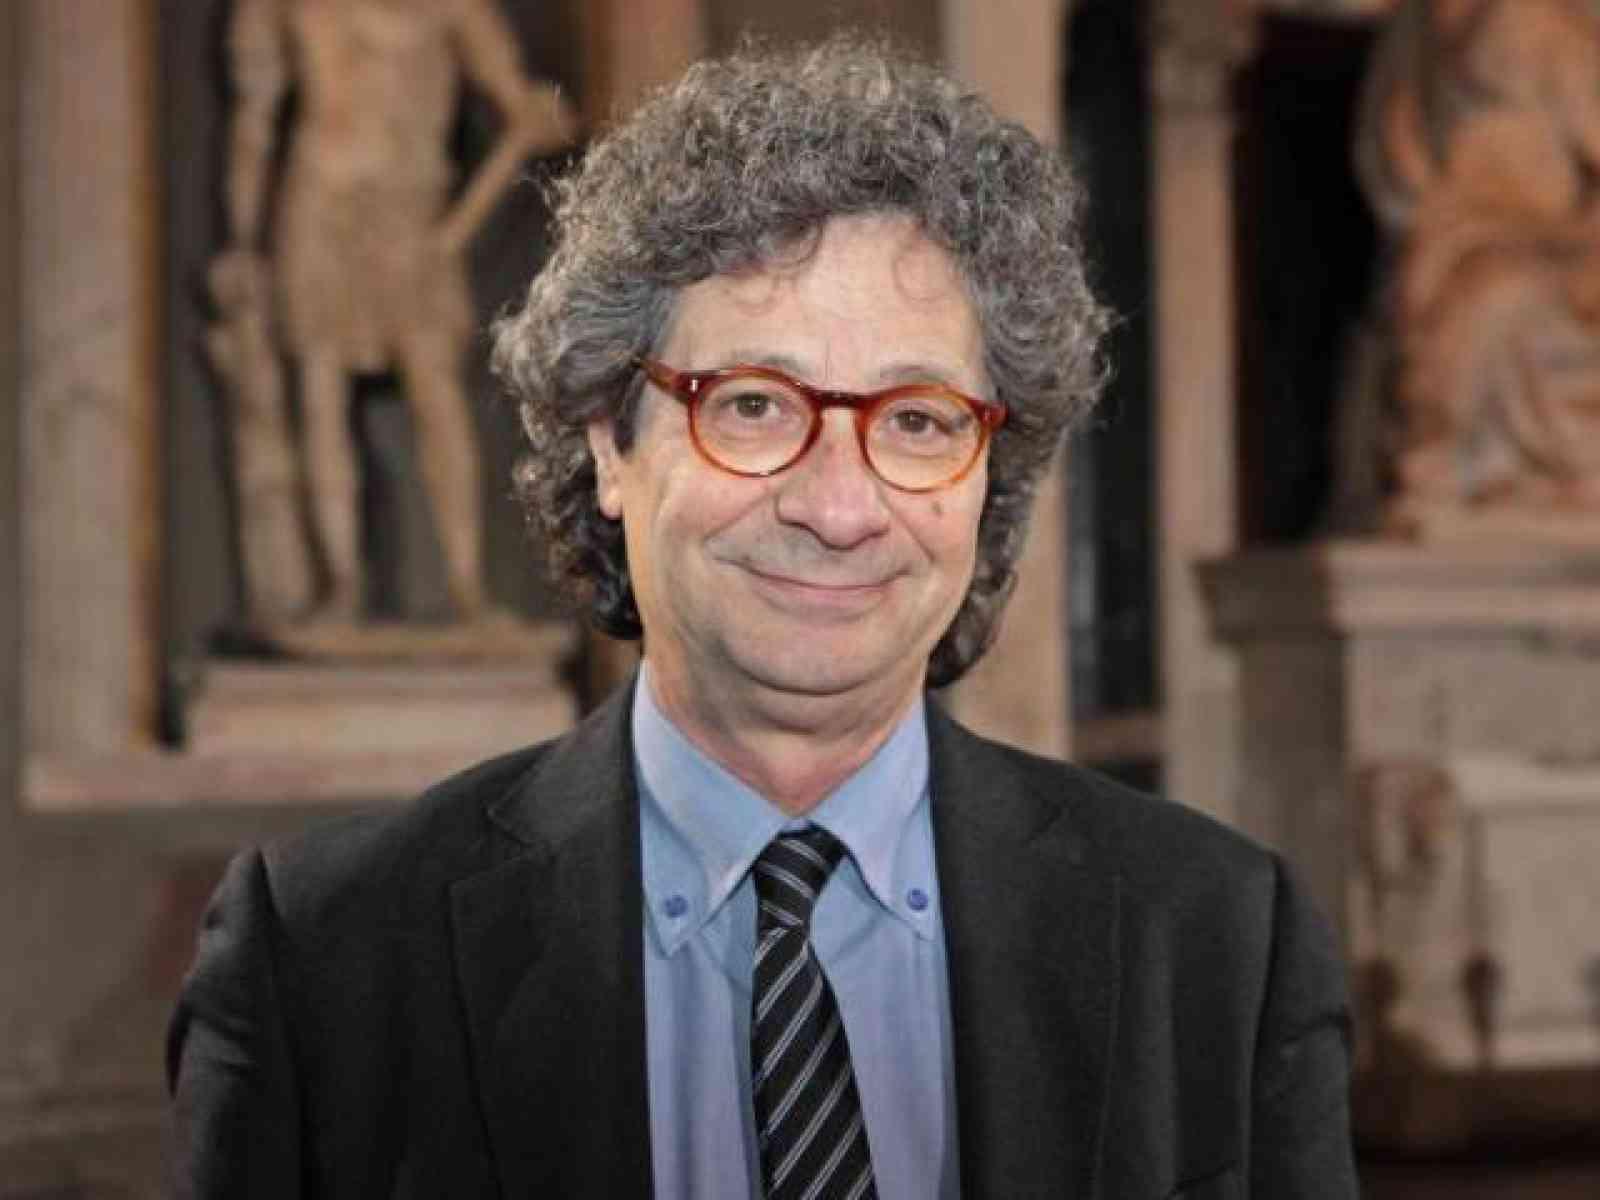 """Immagine articolo: S. Ninfa, sabato 14 dicembre la cerimonia del premio """"Museo Nino Cordio"""" assegnato al giornalista sportivo Riccardo Cucchi"""